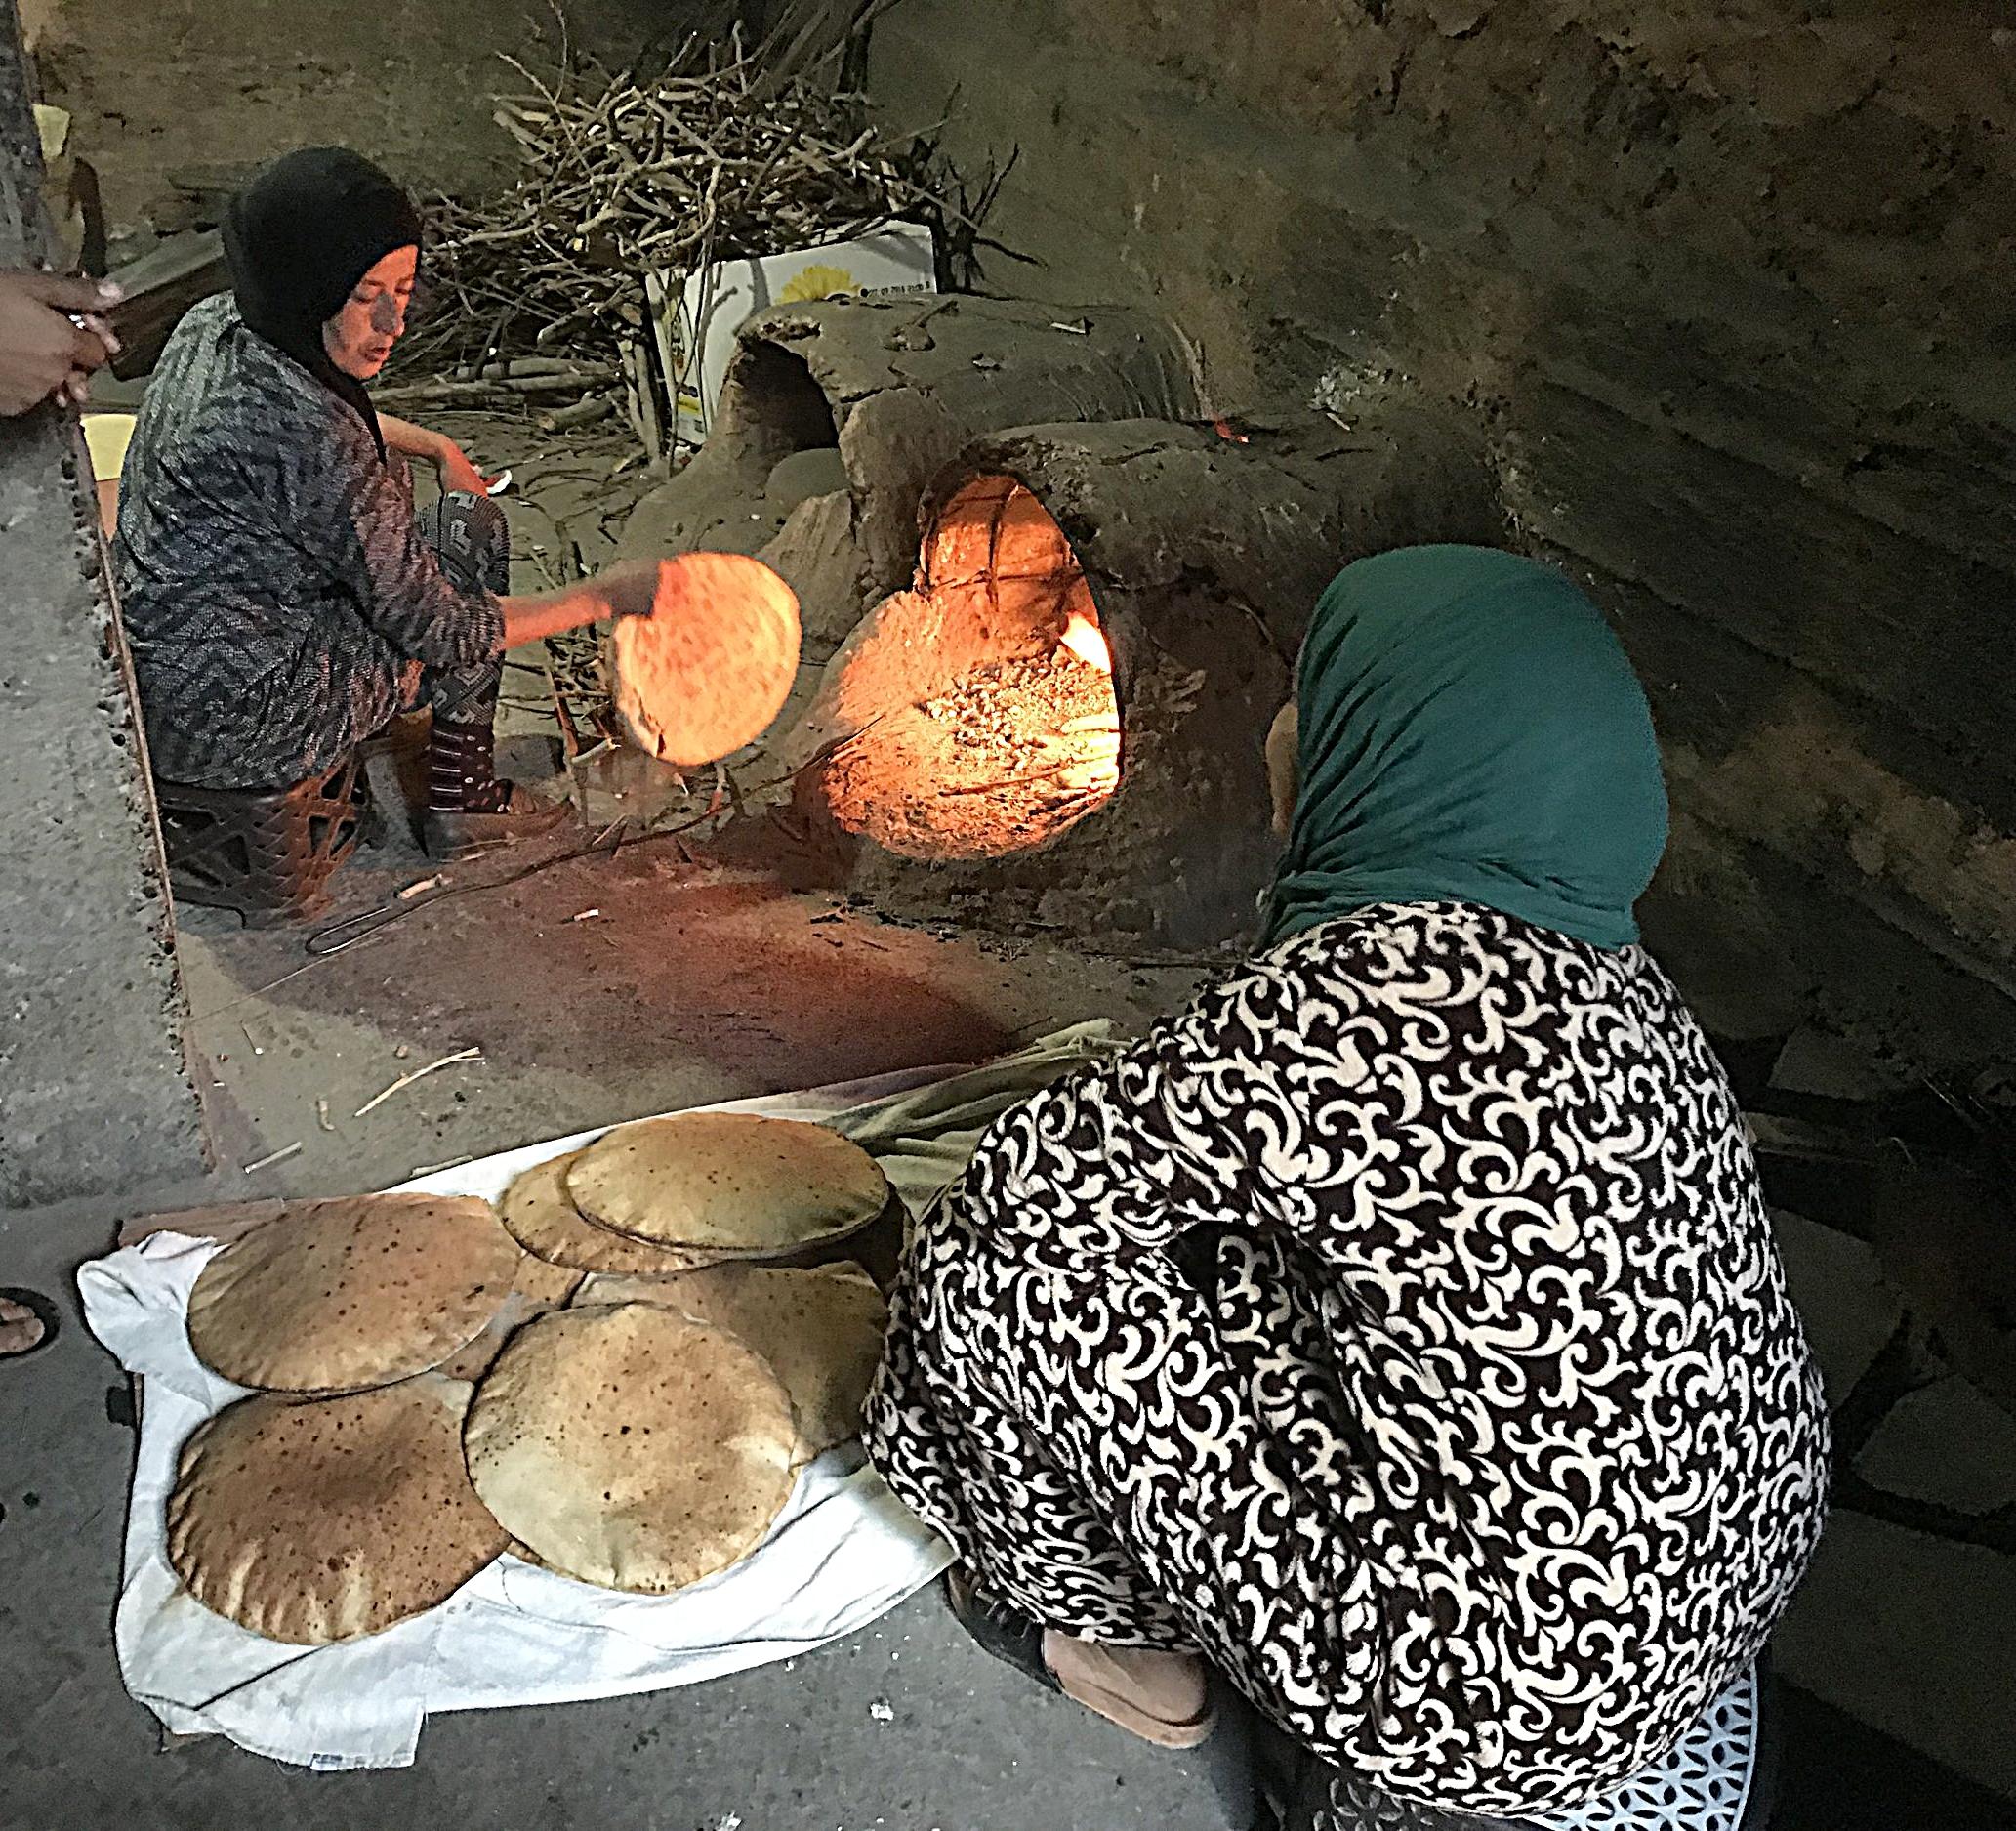 Berber women making bread